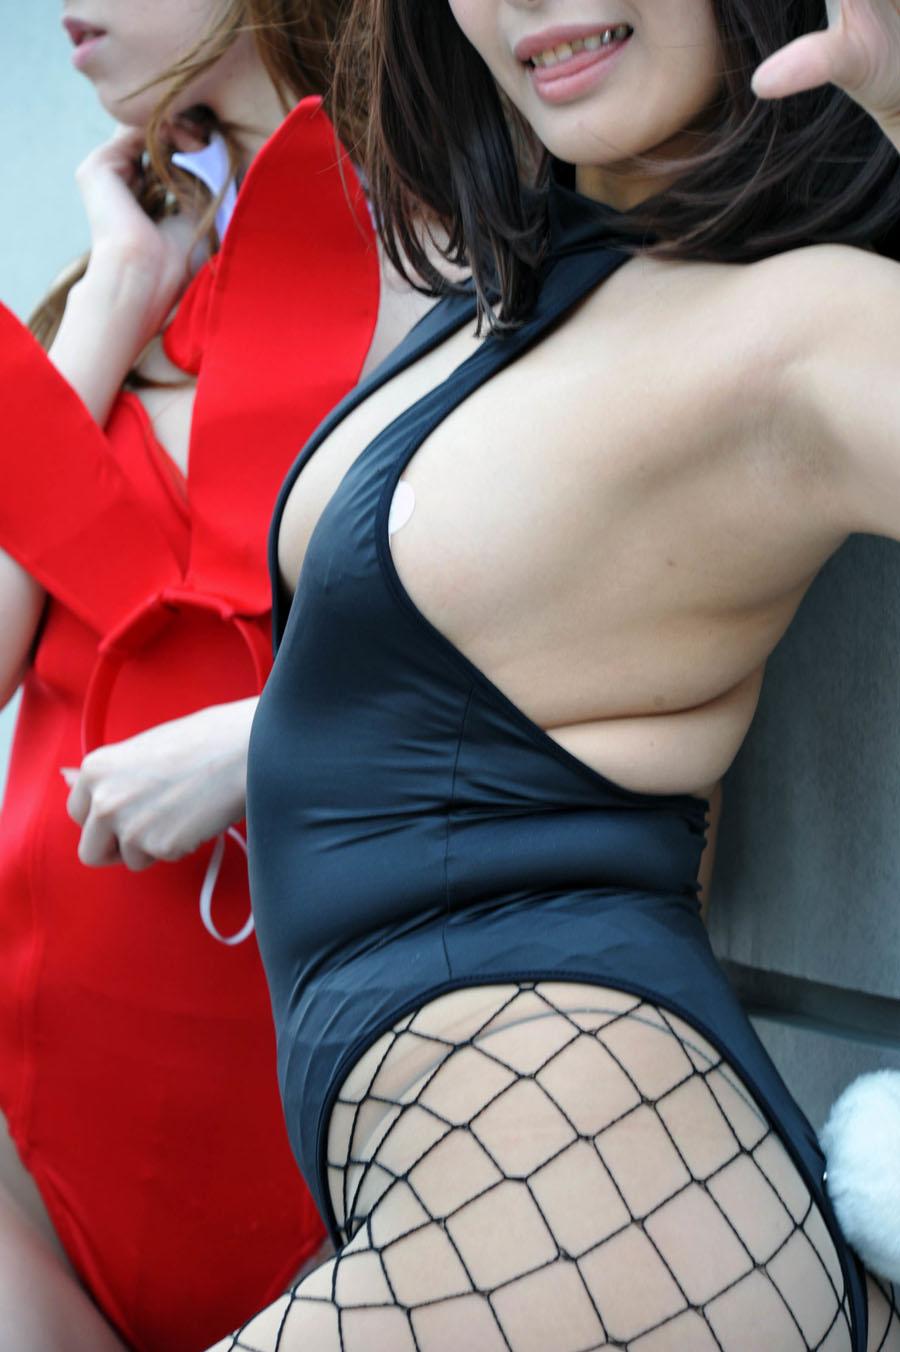 【コスプレエロ画像】舐ってみたい…欲望を一手に集めるコスプレイヤーの腋下www 17